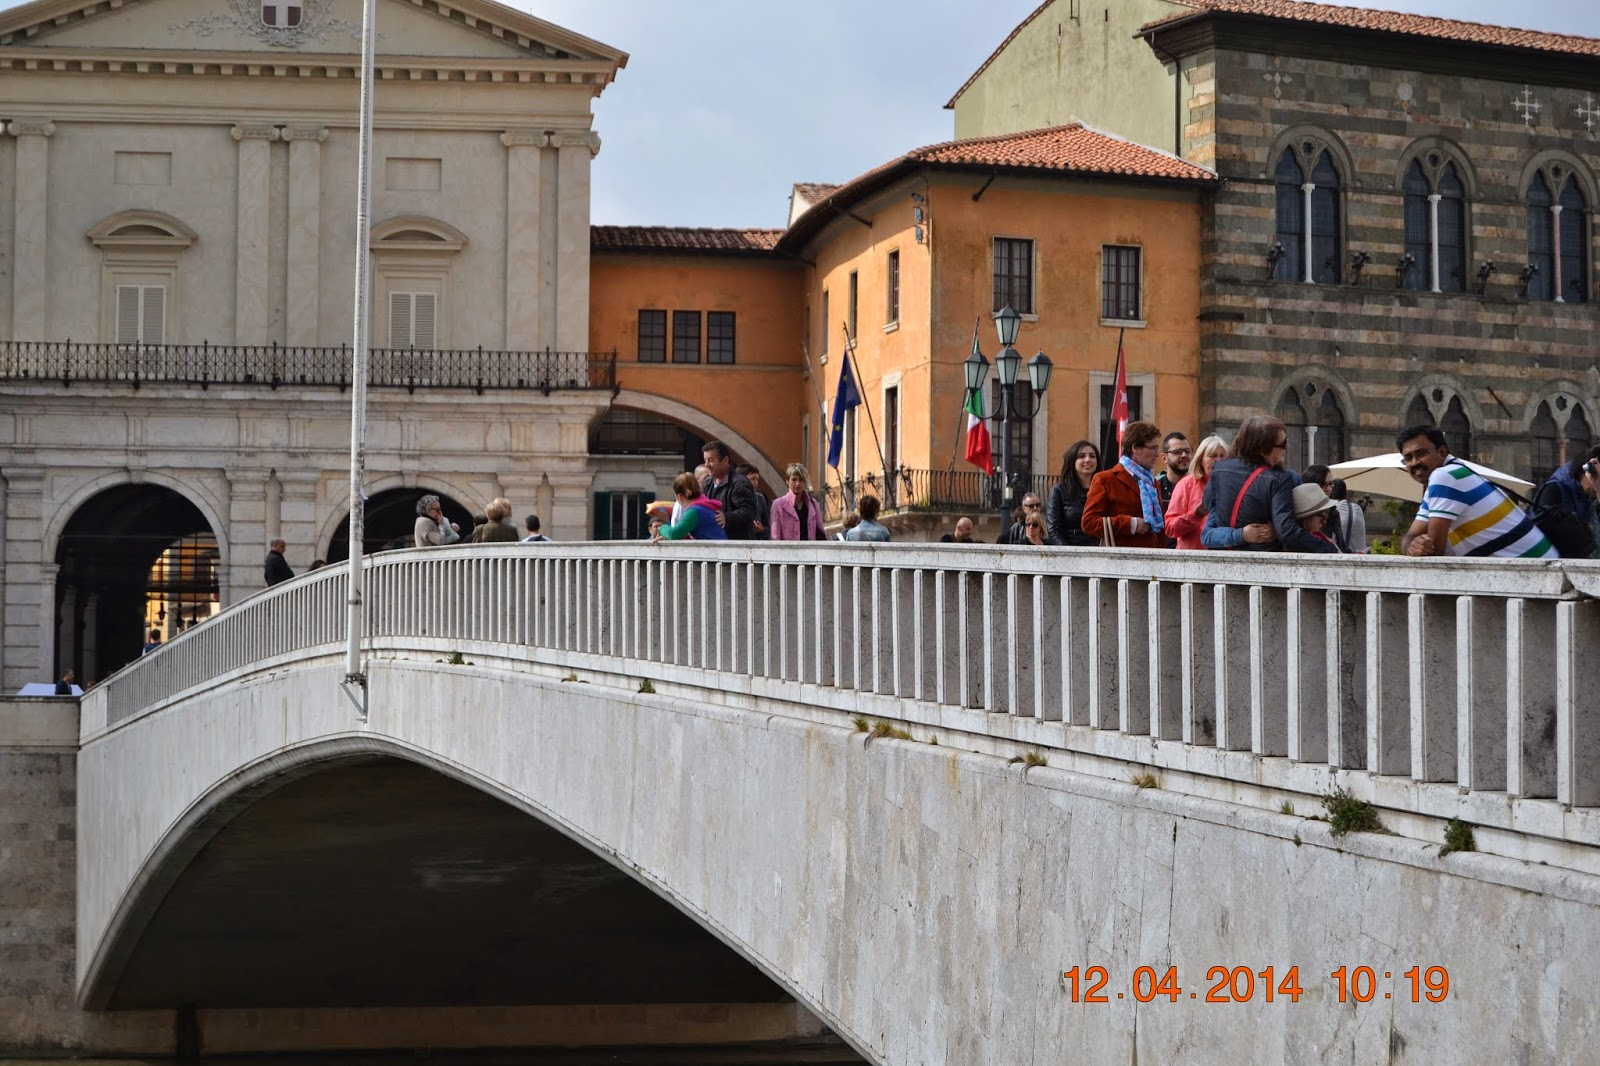 Ponte Di Mezzo @ Pisa